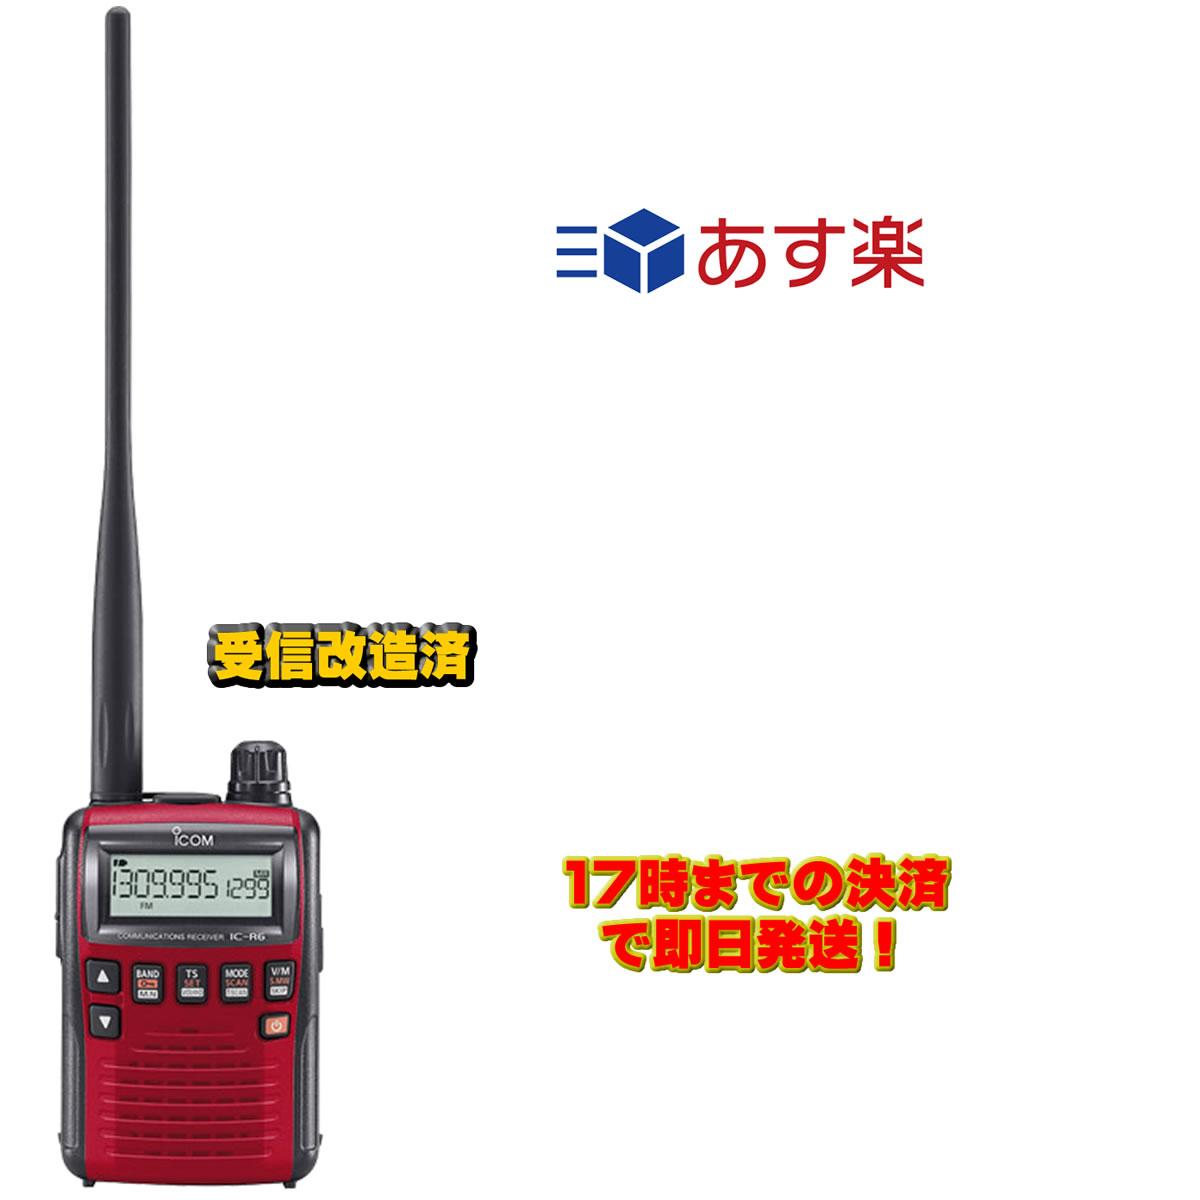 【ラッキーシール対応】 IC-R6 RED アイコム メタリックレッド 広帯域ハンディレシーバー 【受信改造済】